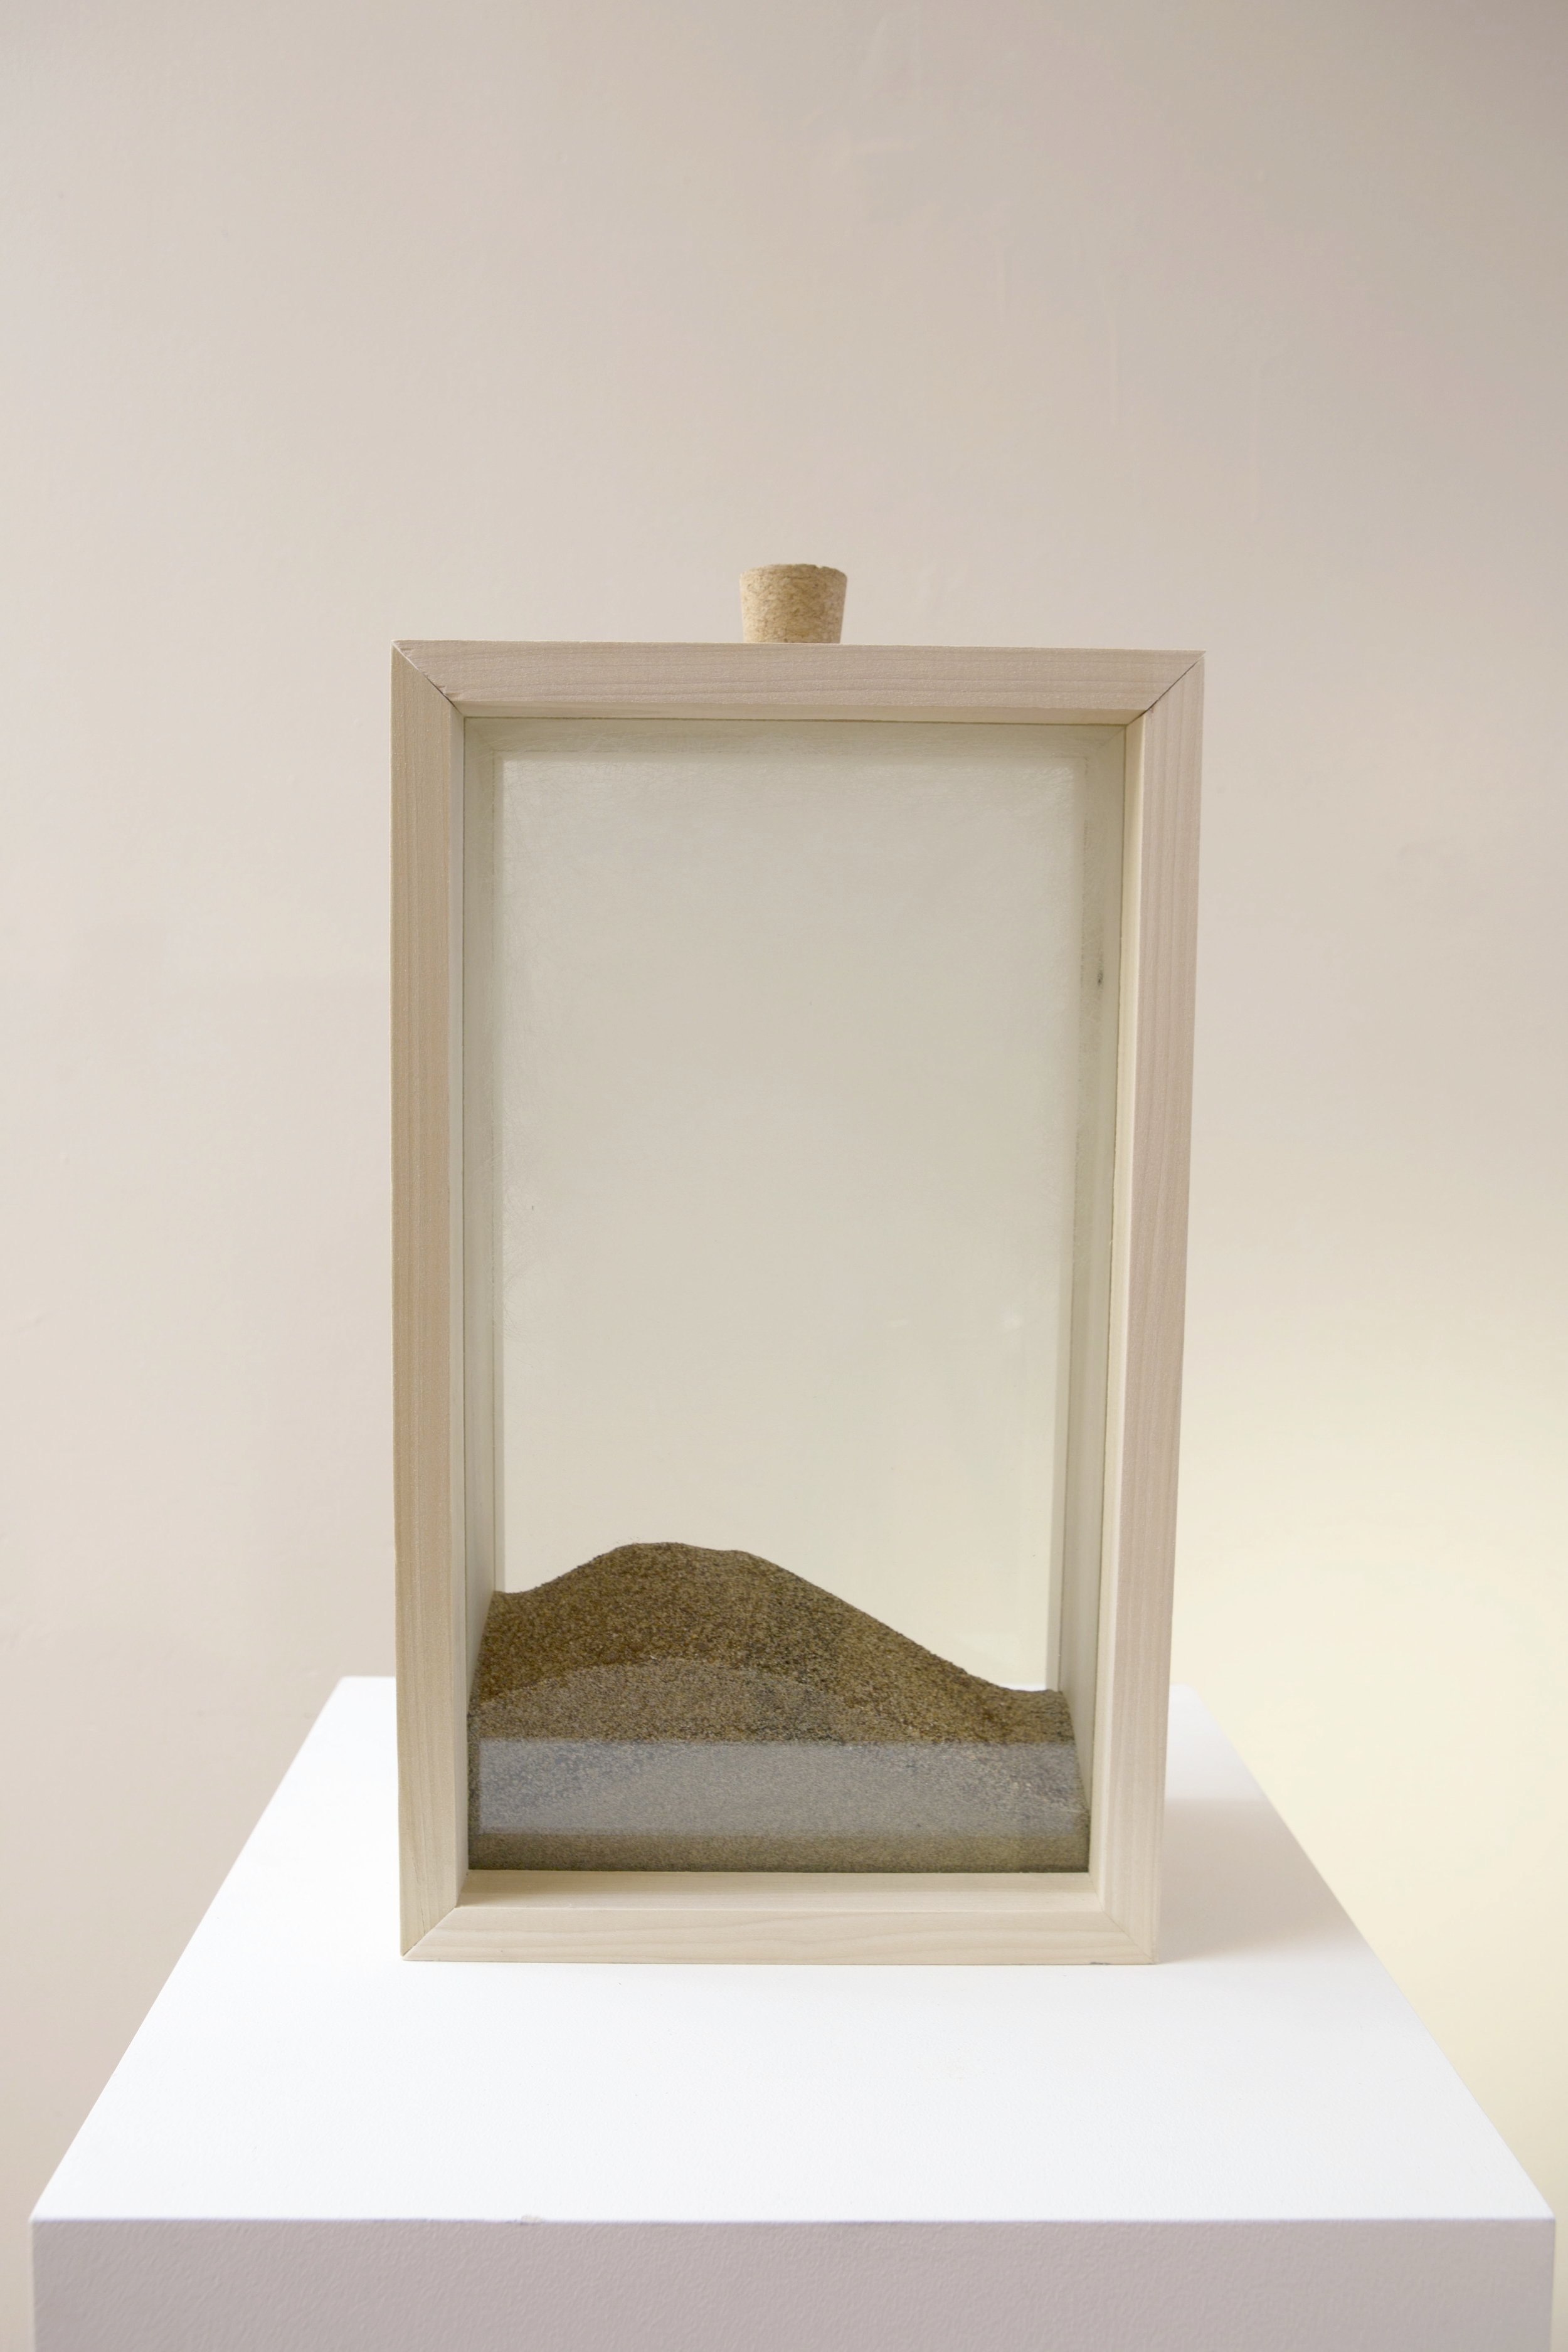 Sands / Vessel